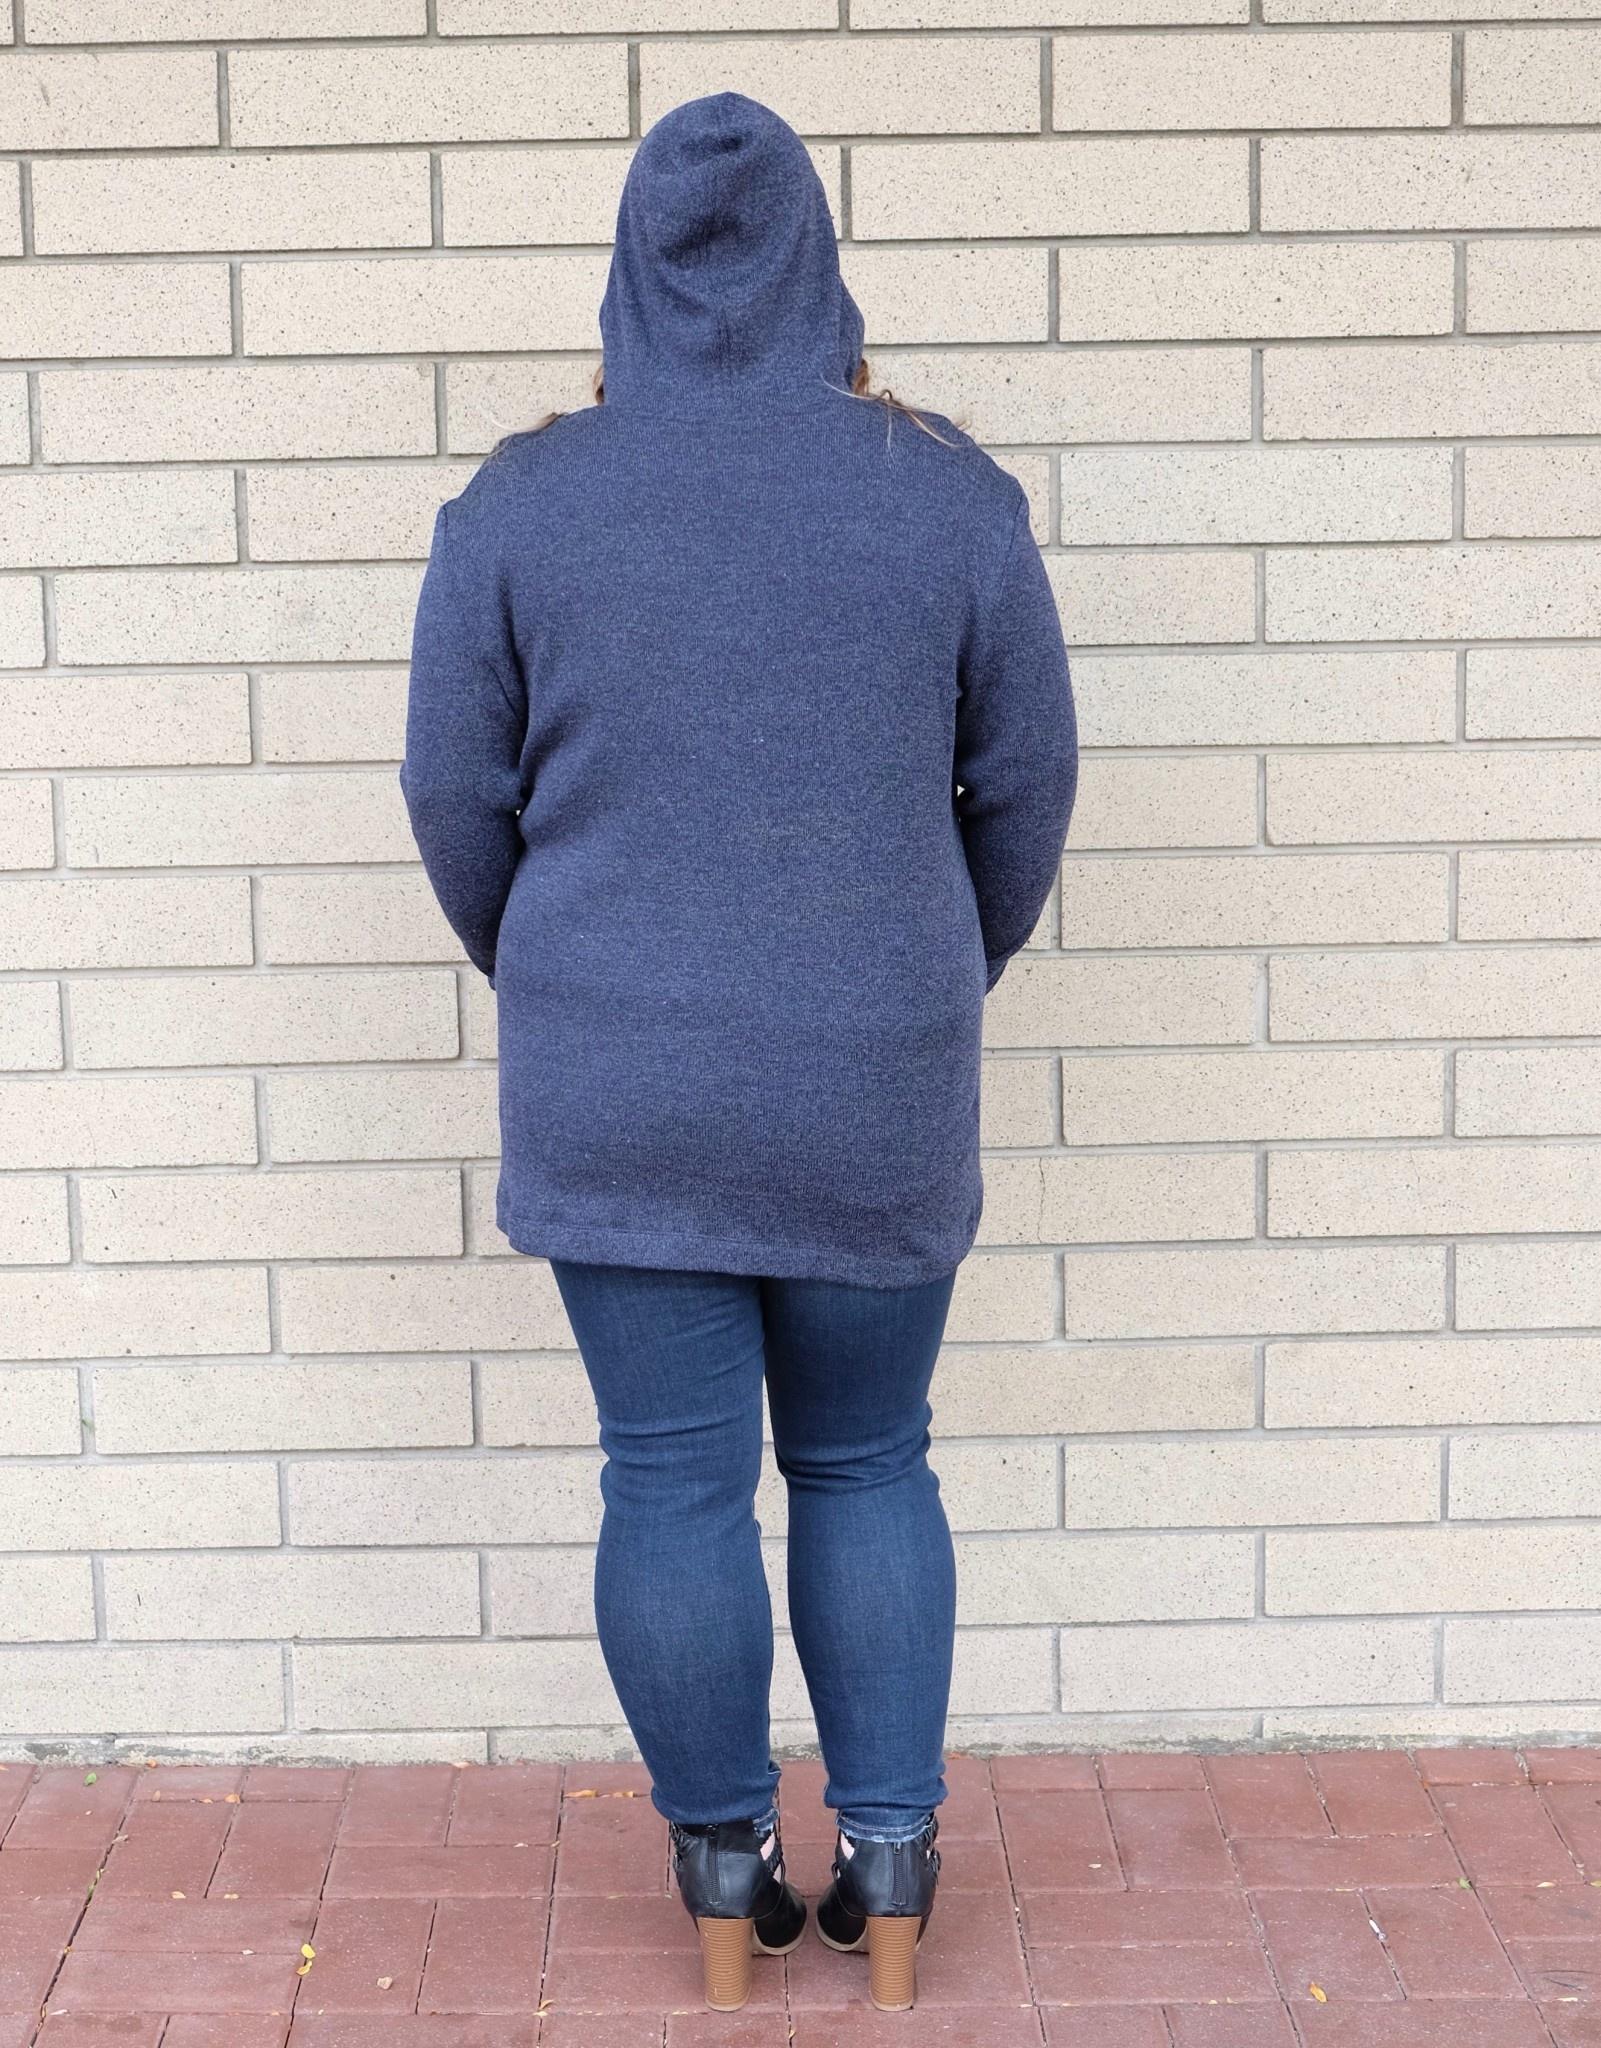 Fran Hooded Top